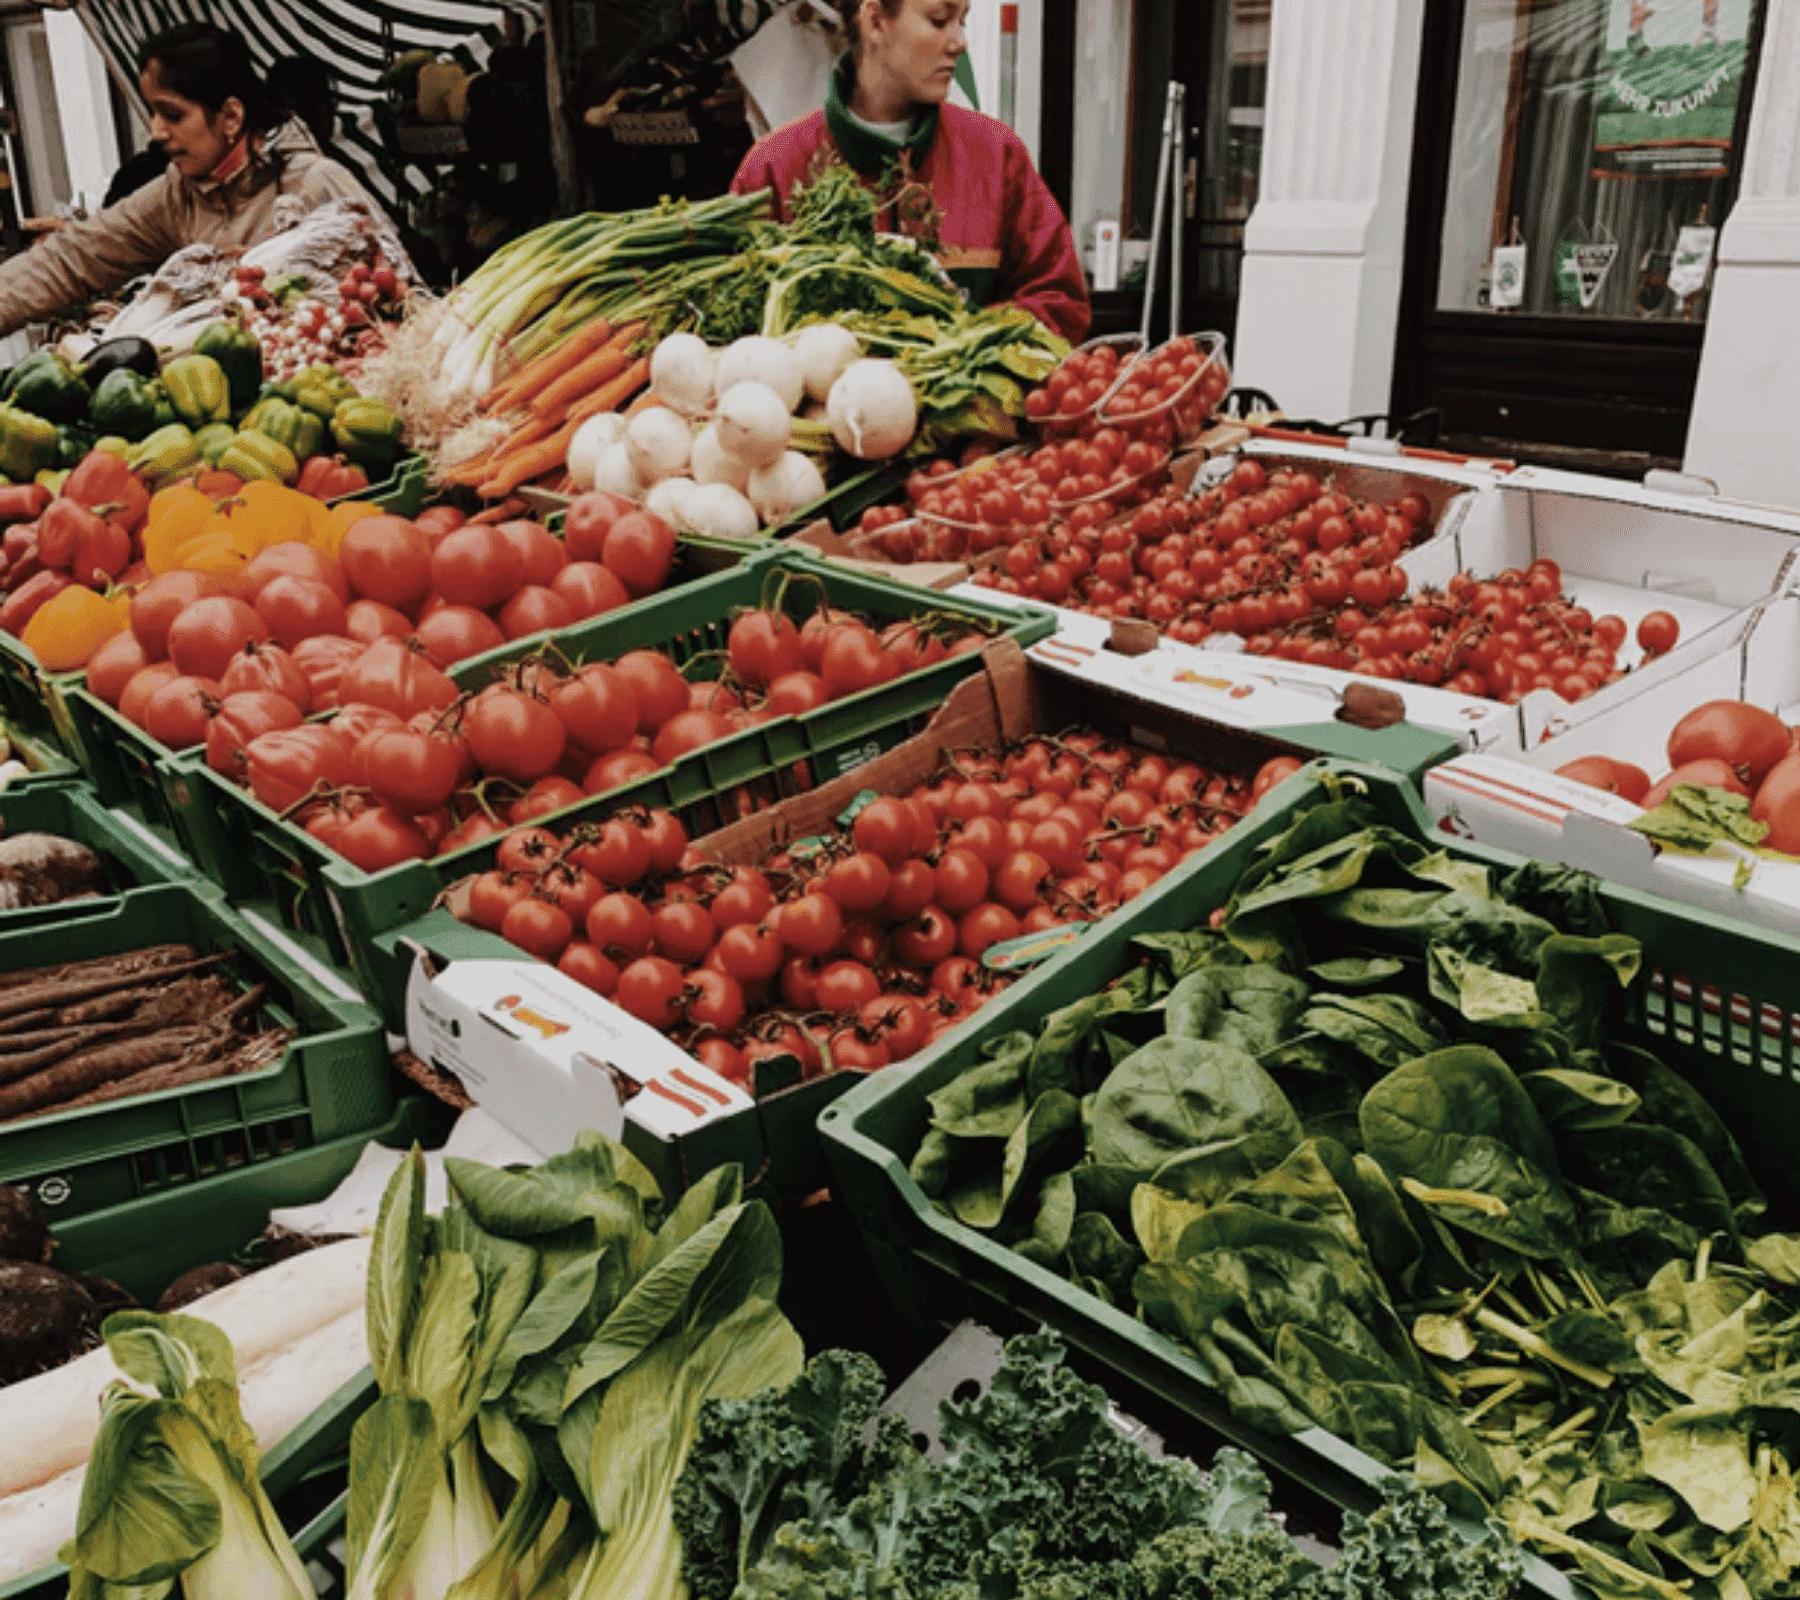 Fotografía de un mercado con riqueza alimentaria.